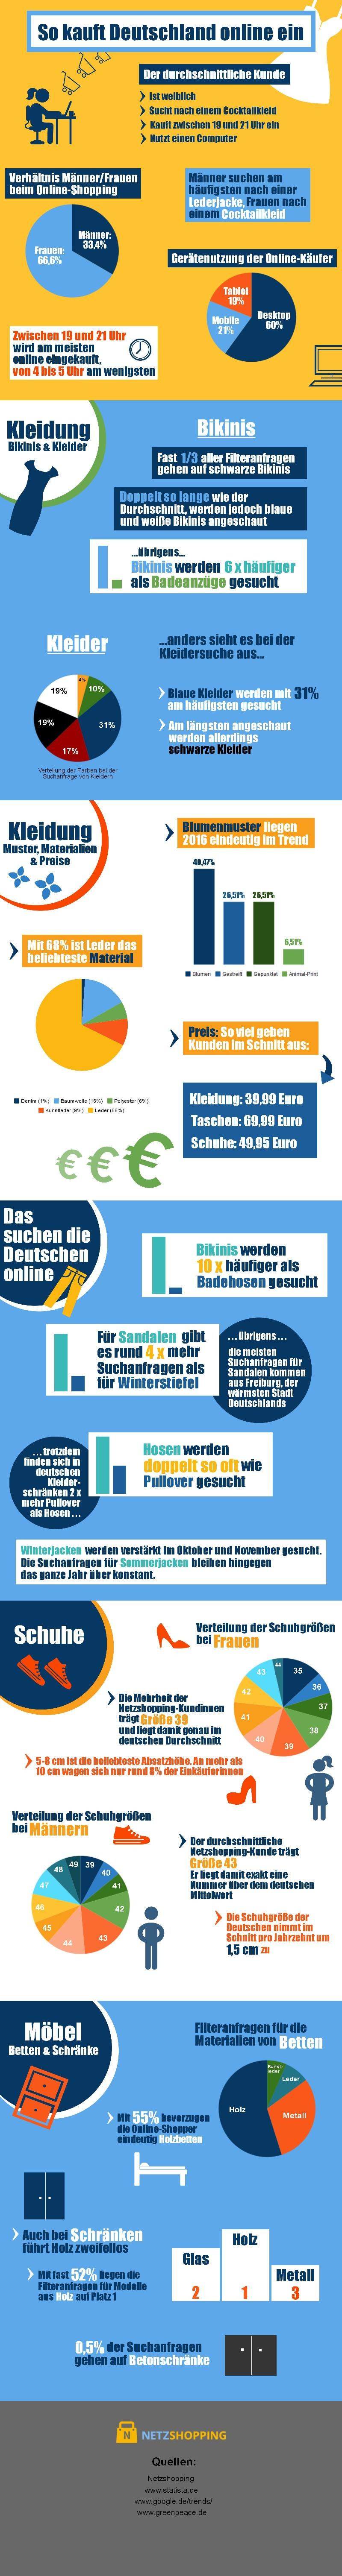 ... : Zahlen und Fakten zum Konsumverhalten in Deutschland | manage it